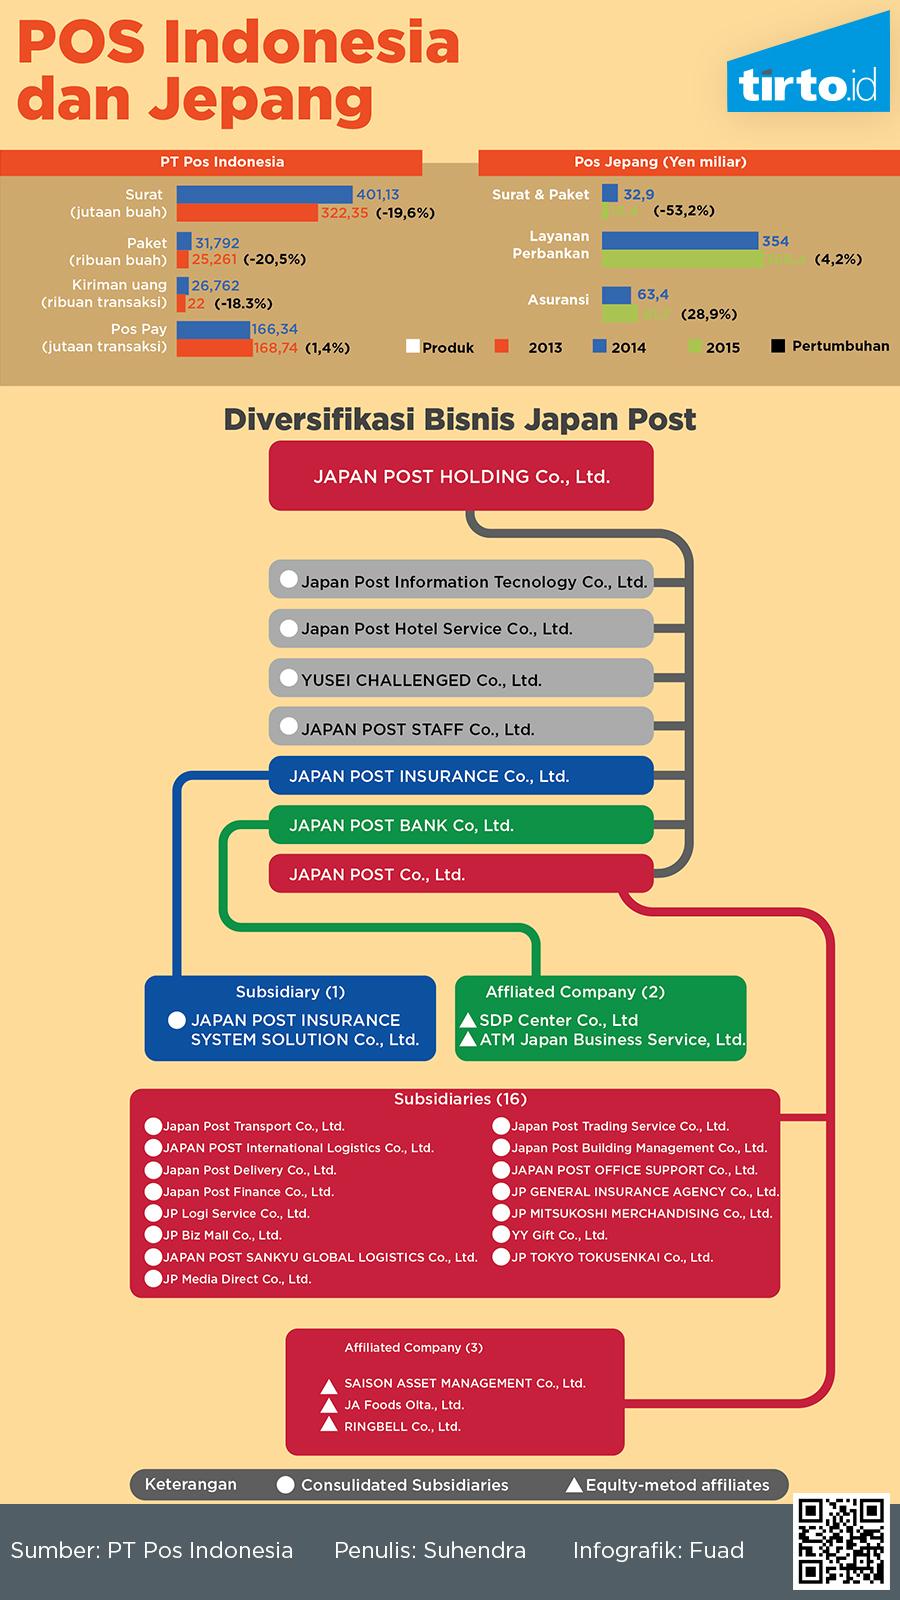 Harapannya Pt Pos Indonesia Tak Hanya Punya Kesamaan Logo Warna Dengan Perusahaan Pos Jepang Tetapi Juga Tapi Bisa Setara Dalam Hal Kinerja Dan Dicintai